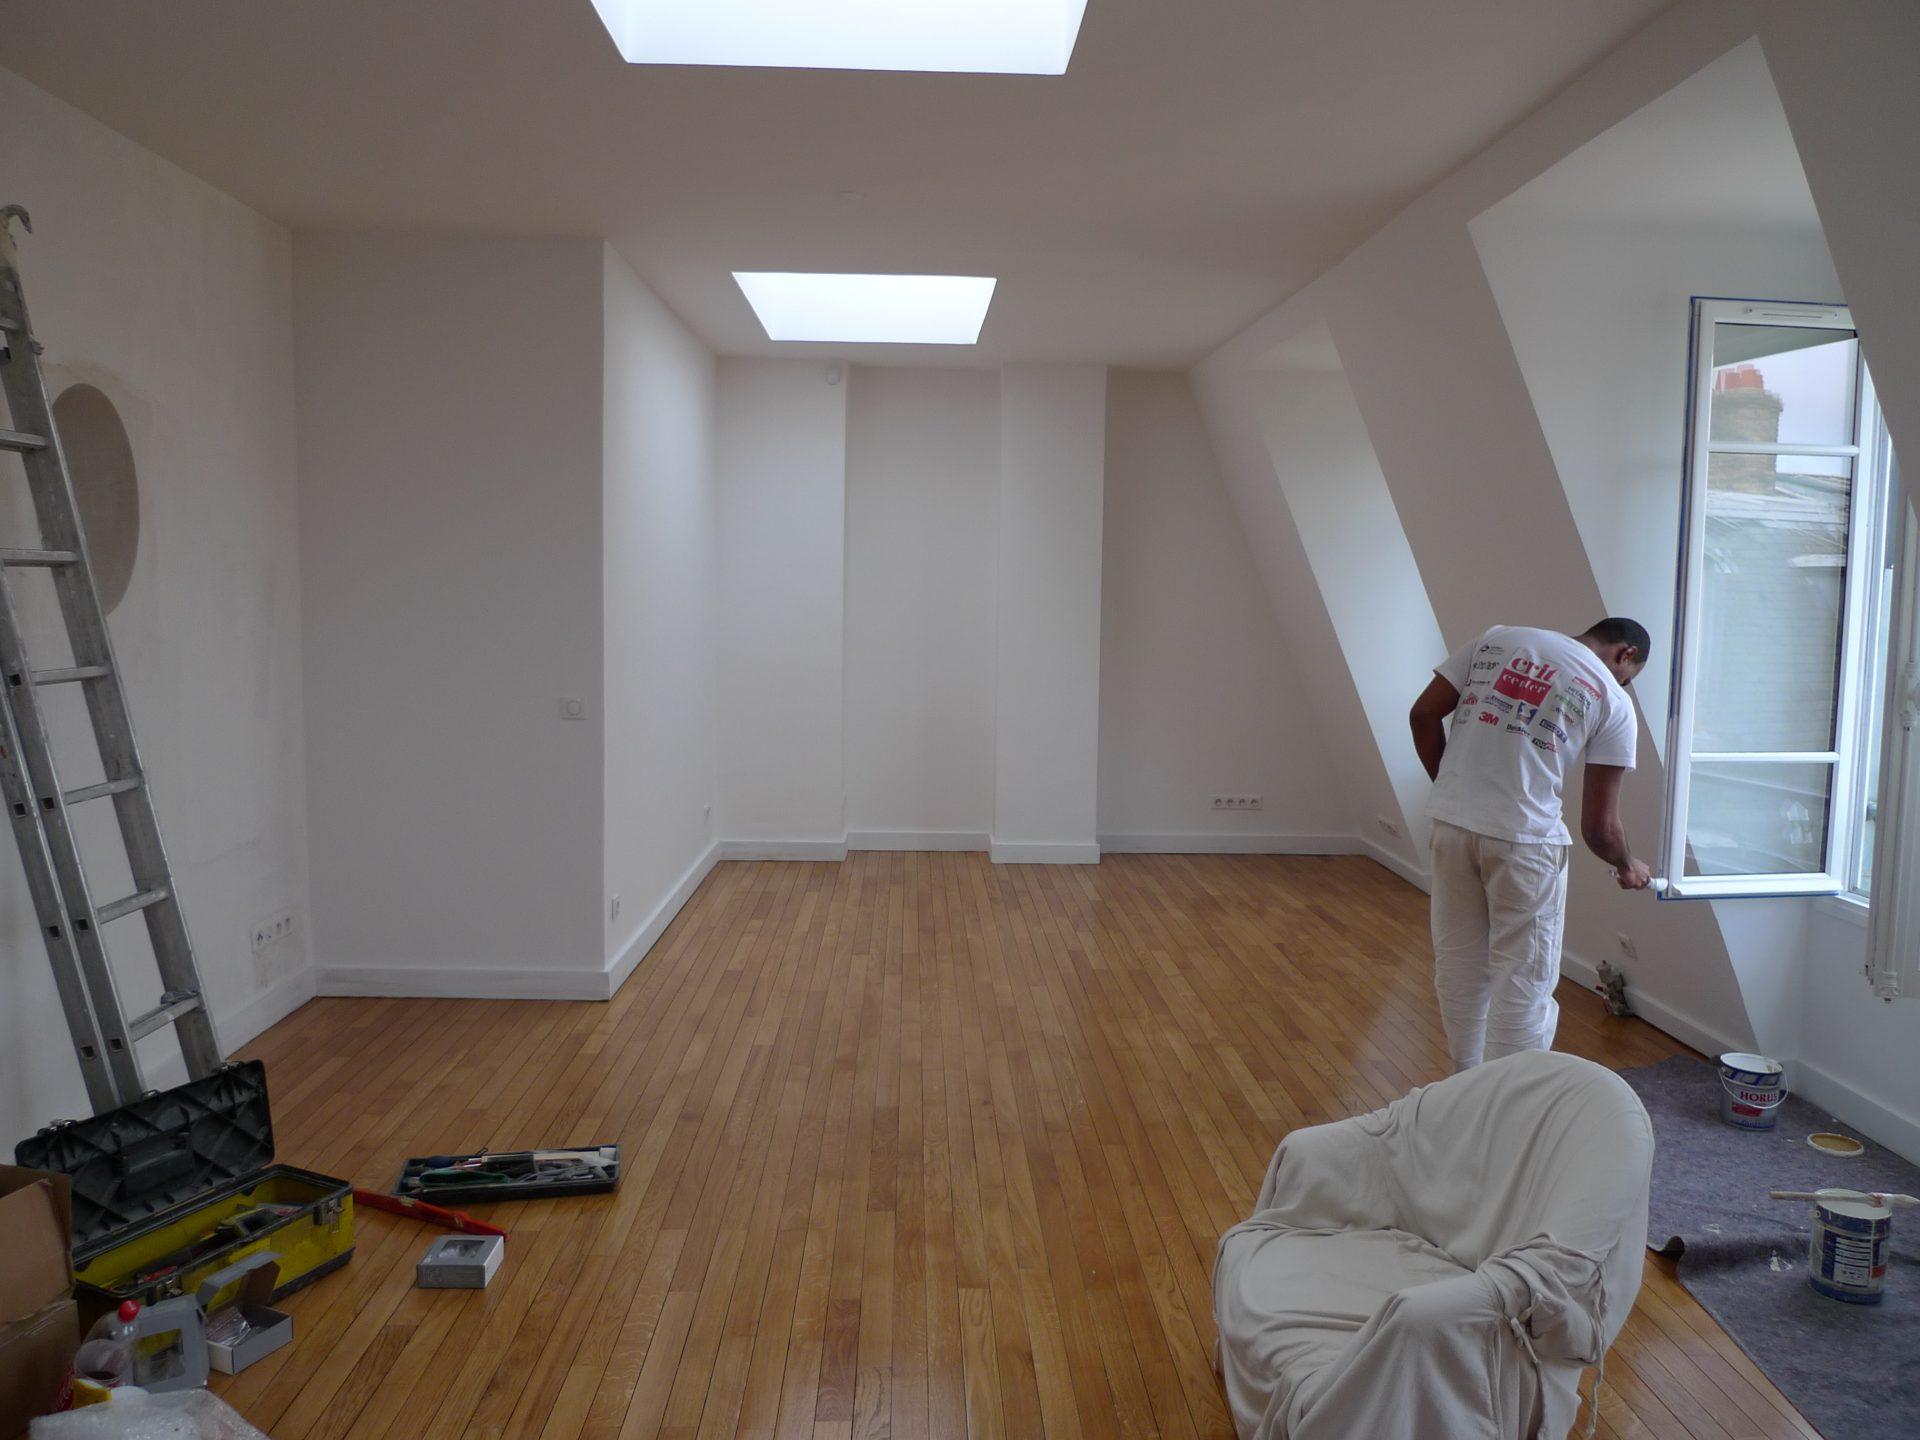 le parquet du séjour est poncé et vitrifié, les murs sont repeints en blanc pour apporter de la lumière